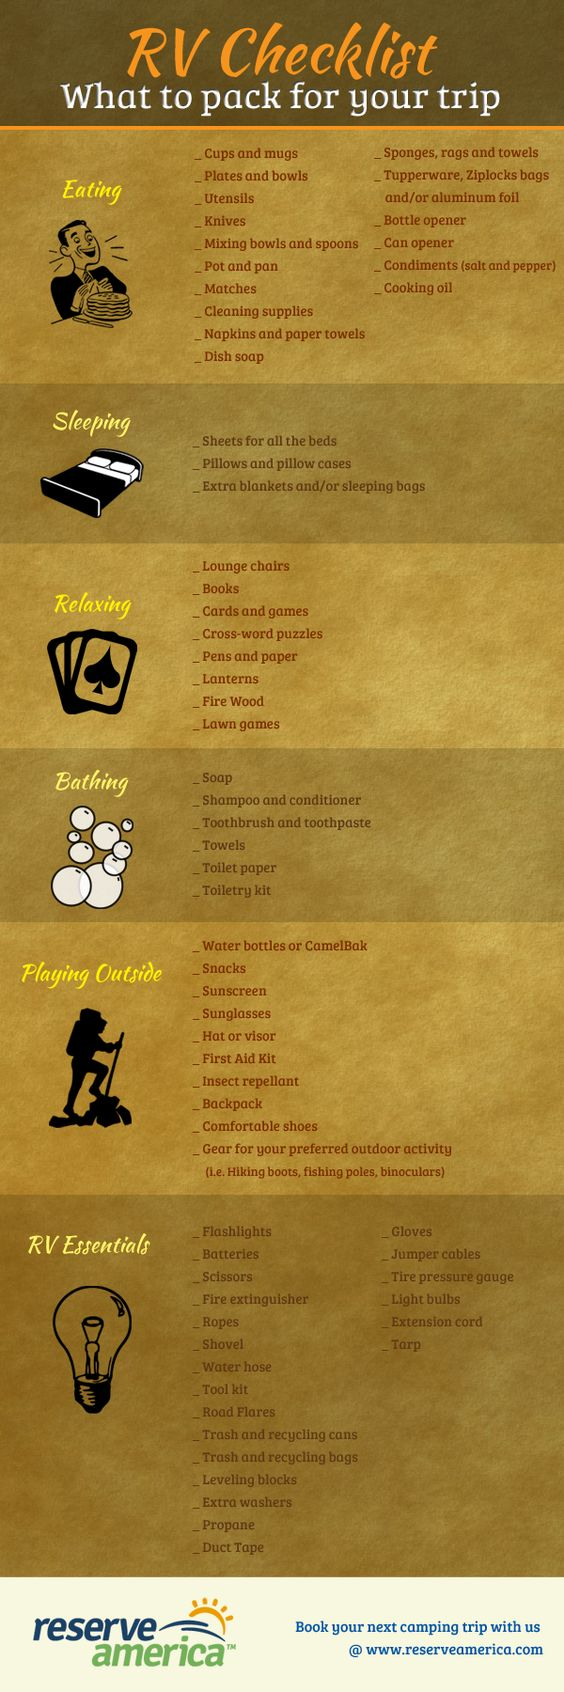 RV Checklist - Infographic    #BringItOn :-))))